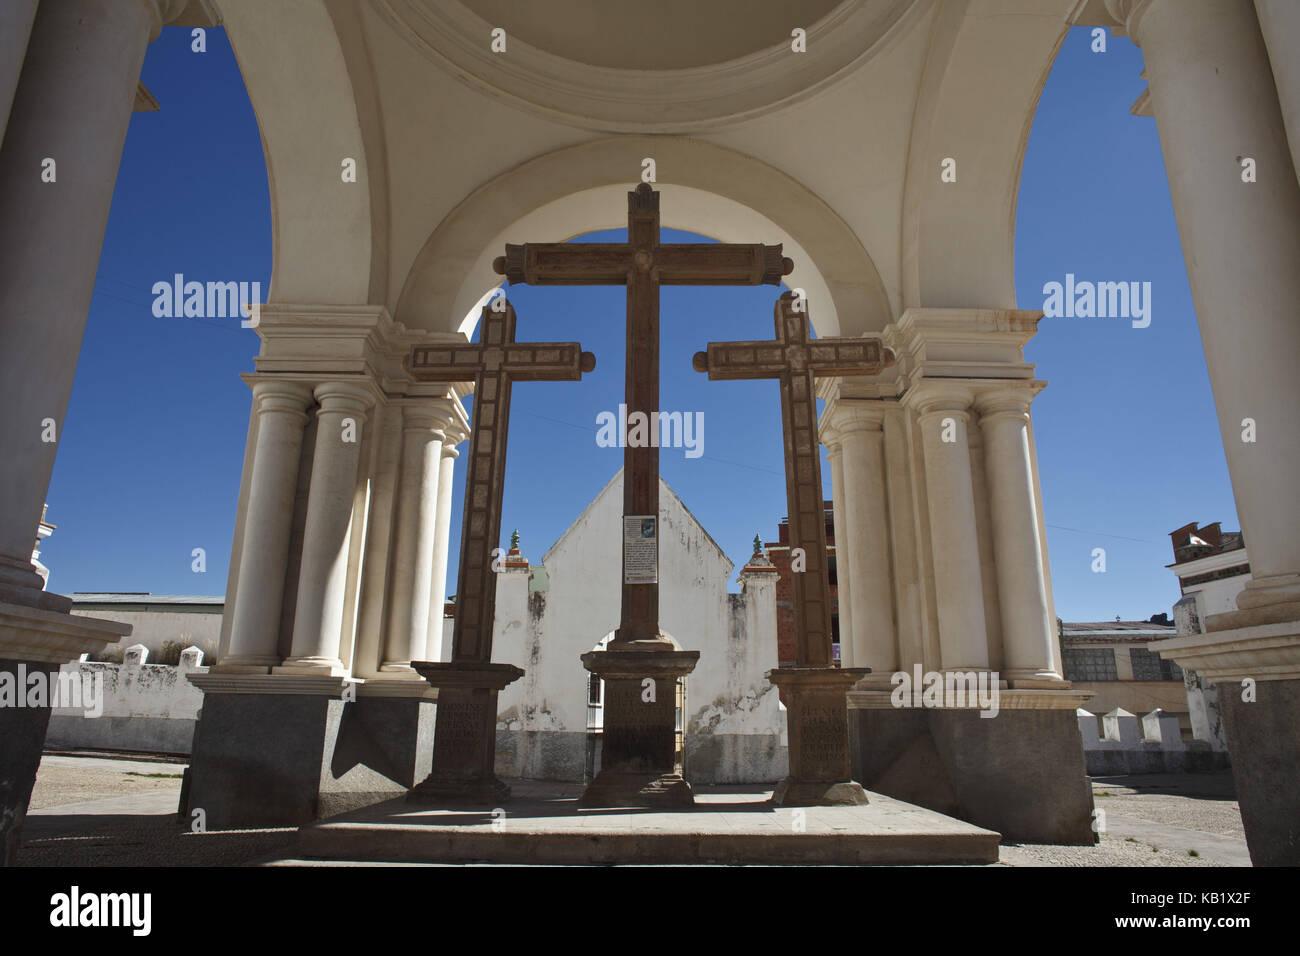 Bolivia, Titicacasee, Copacabana, Basilica de la Virgen de la Candelaria, - Stock Image